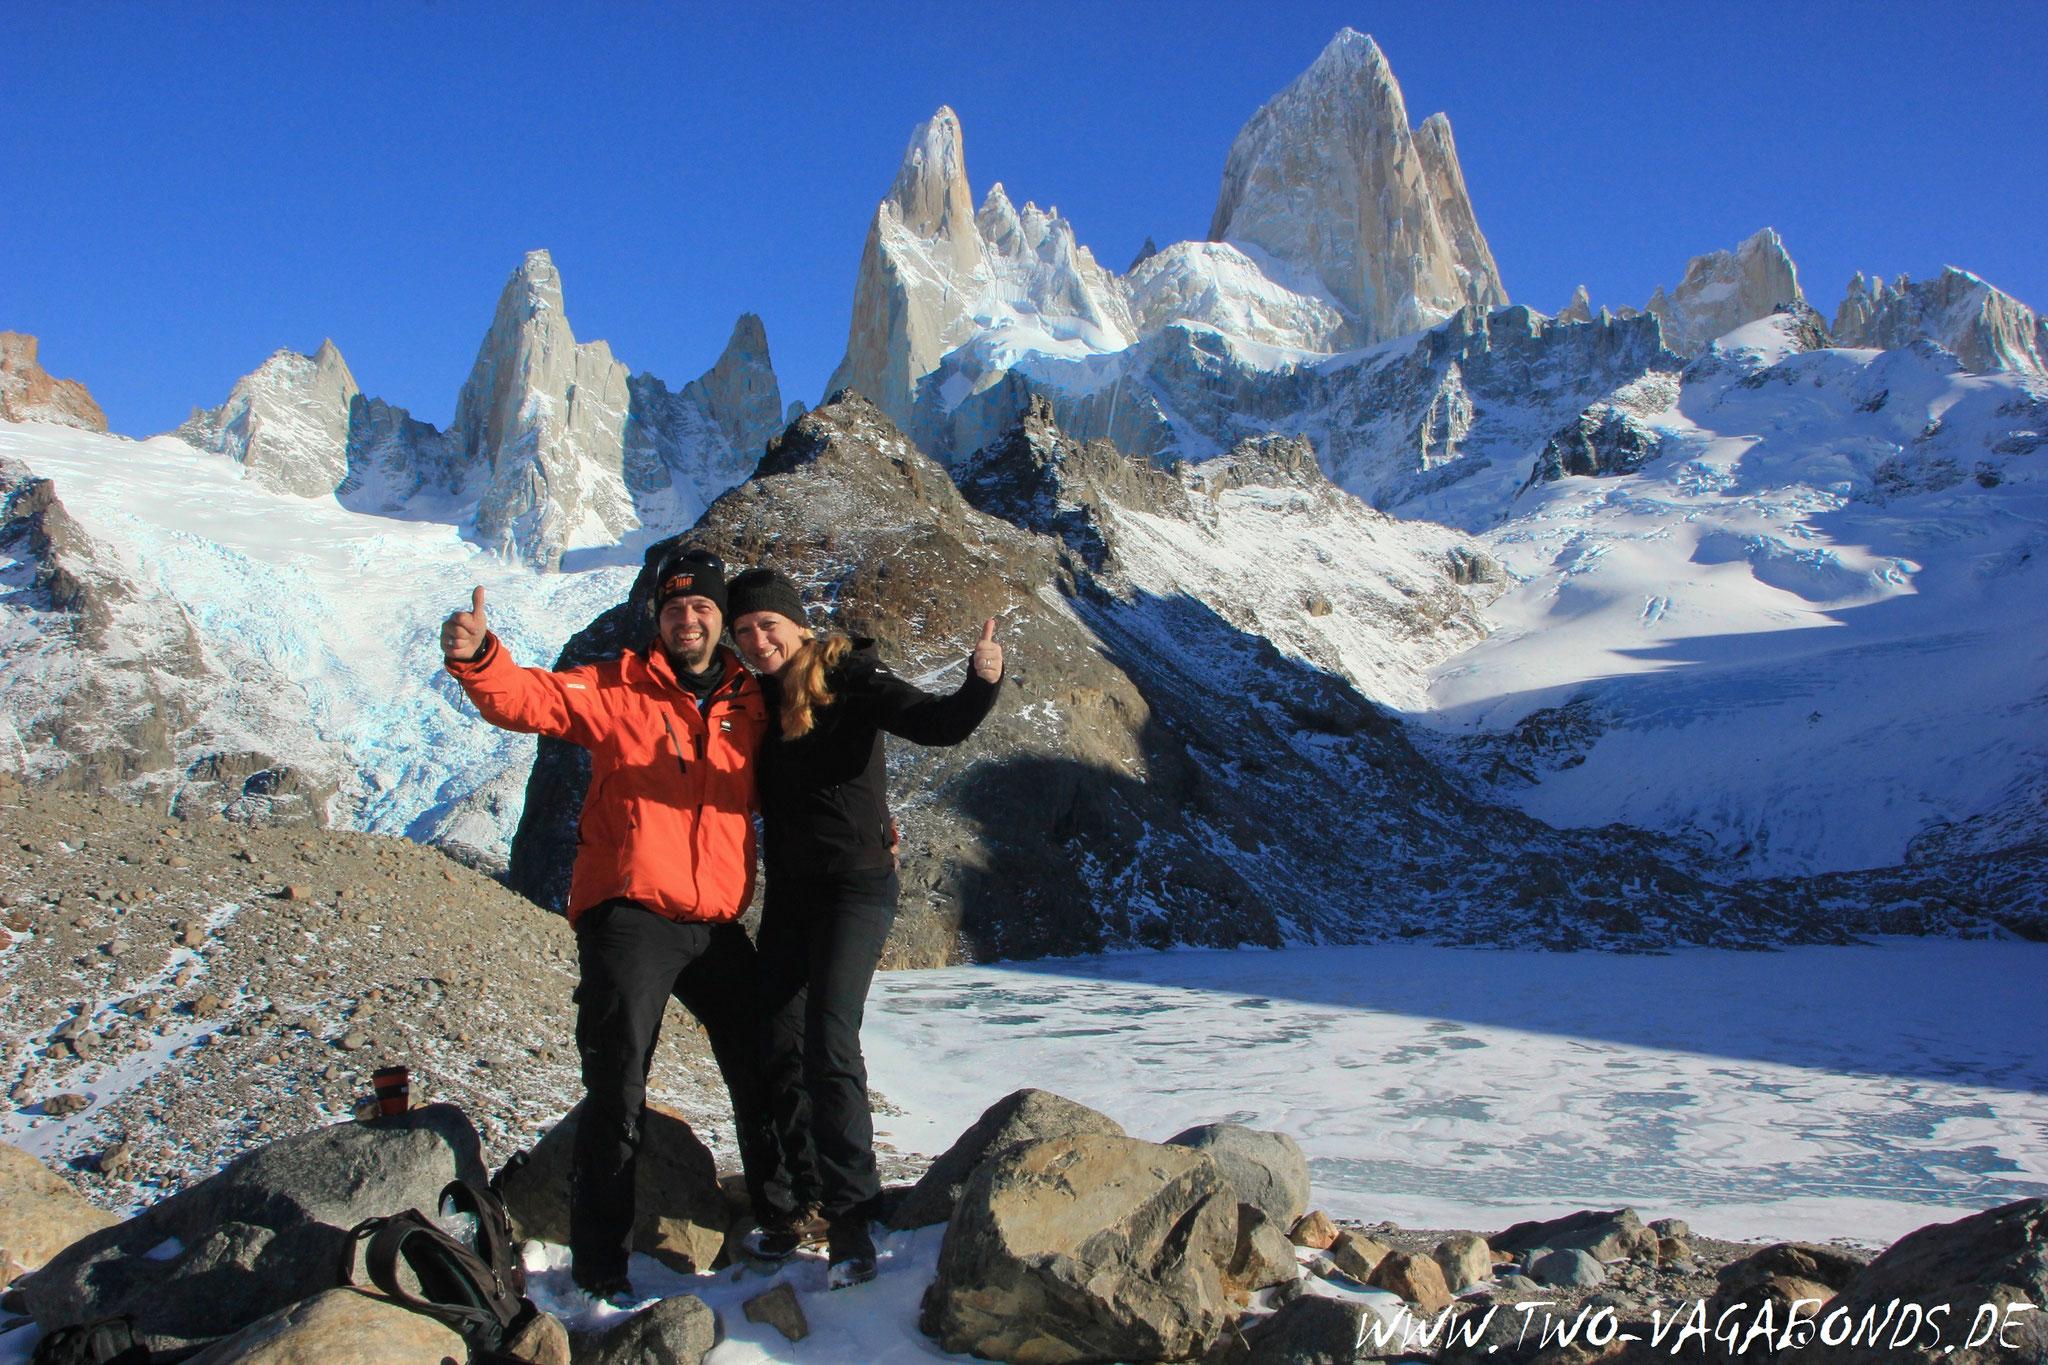 ARGENTINIEN 2016 - PATAGONIEN - 20 km WANDERUNG ZUR LAGUNA DE LOS TRES / FITZ ROY BERGMASSIV